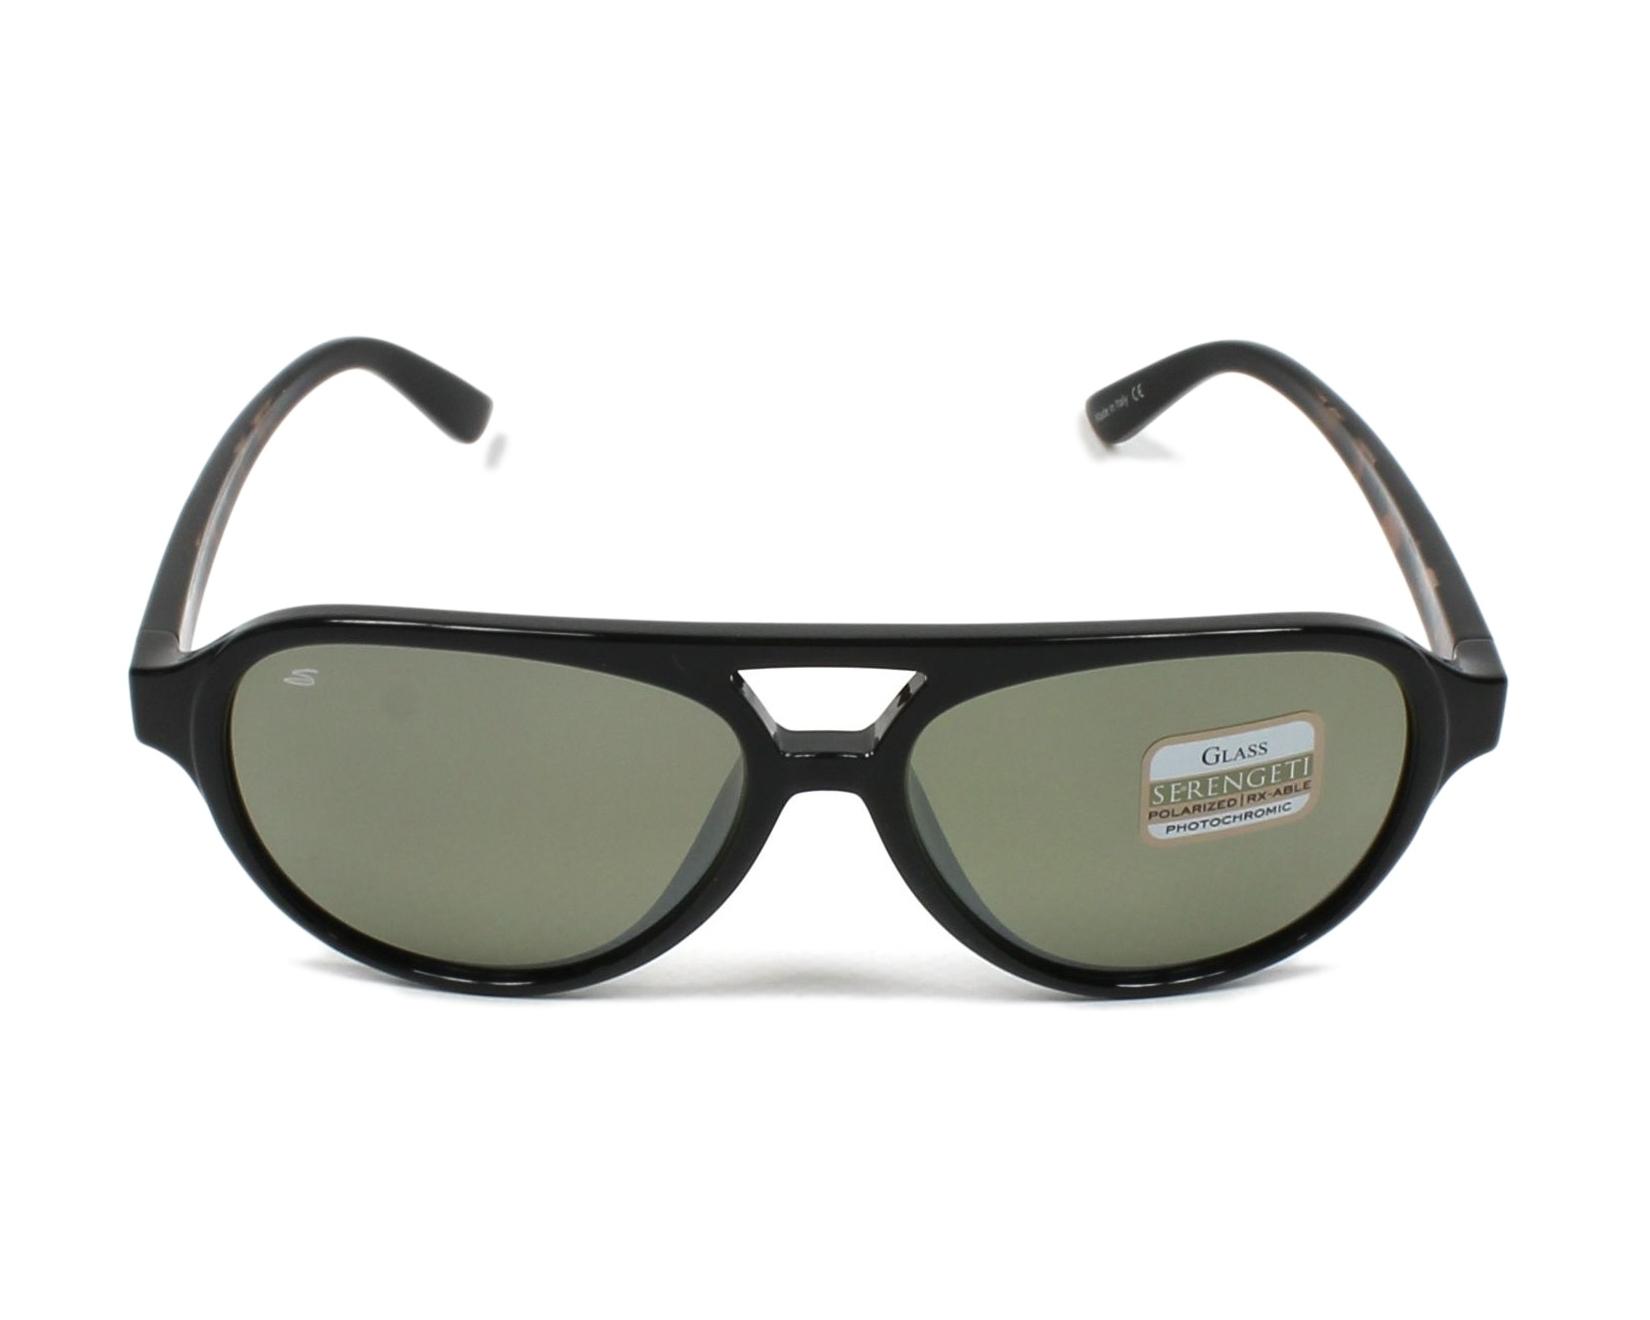 1a4b71dd86a Sunglasses Serengeti GIORGIO 8181 58-16 Black front view